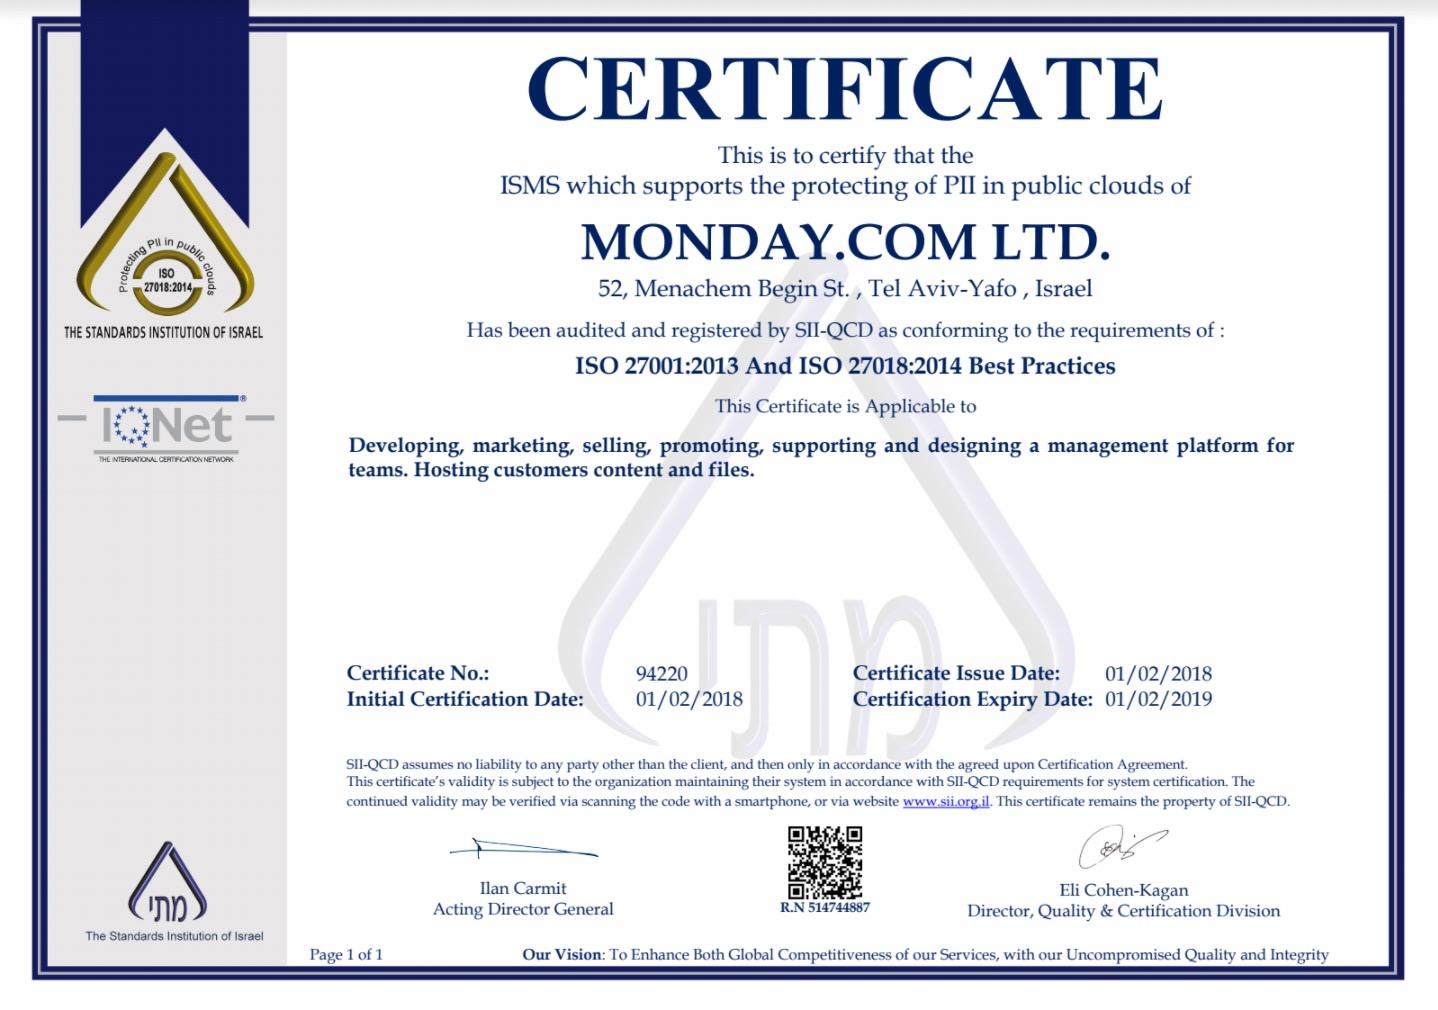 iso-certificate2.jpg